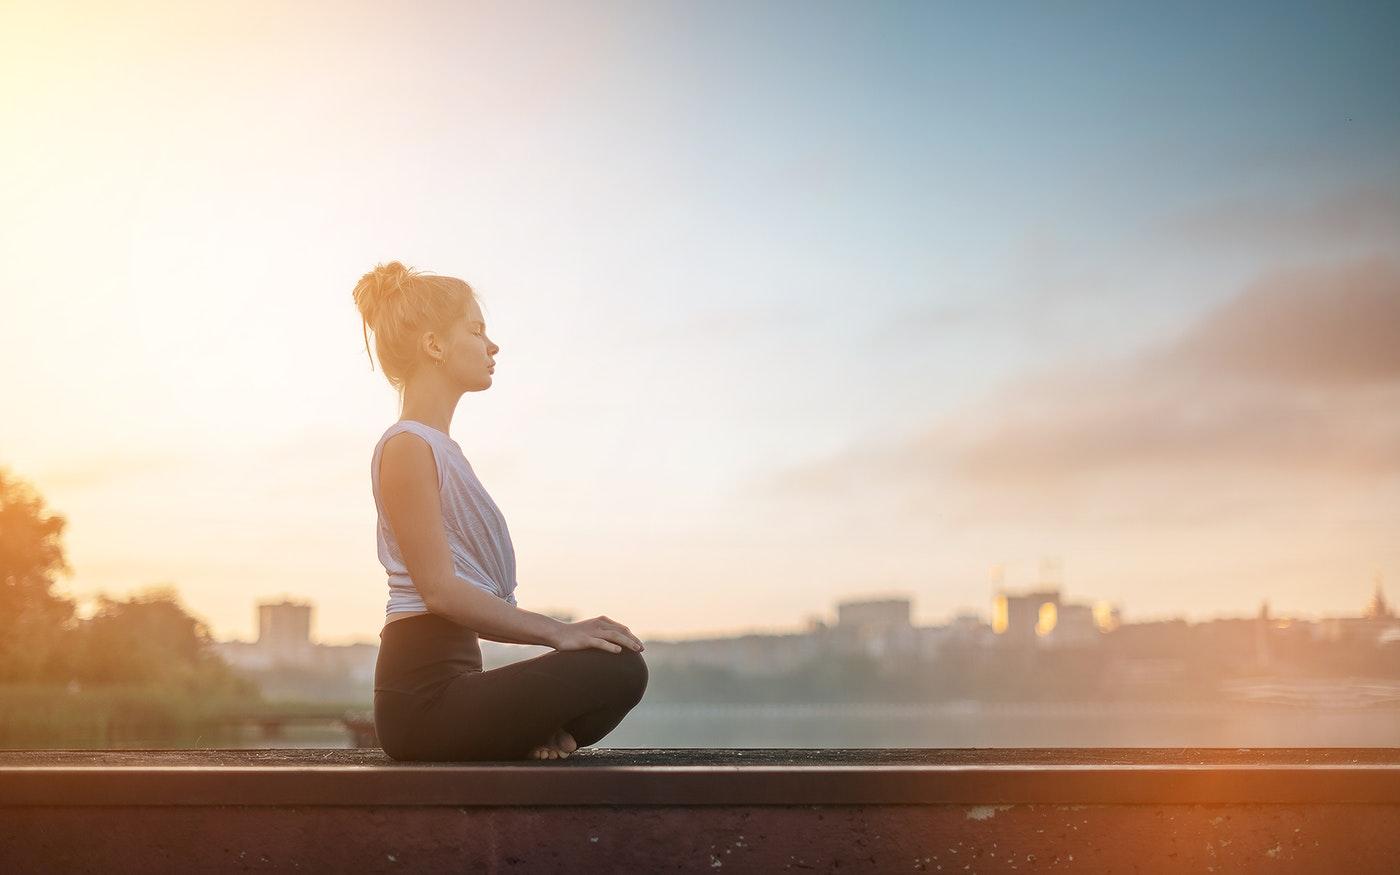 Călătoria interioară  – partea întâi – meditaţia